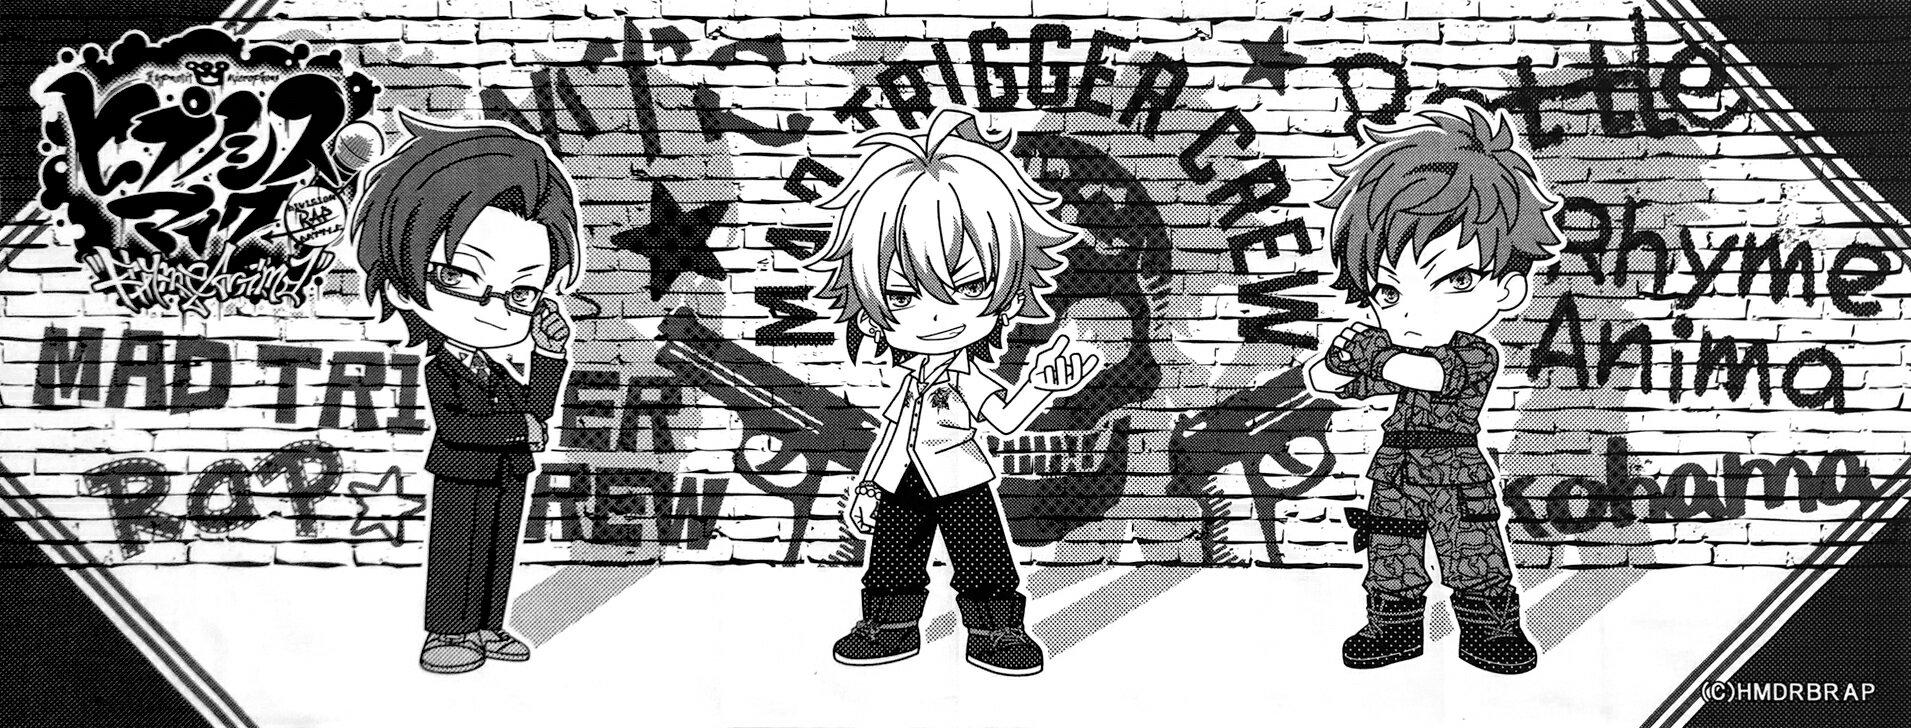 タオル, その他 (4)Division Rap Battle MAD TRIGGER CREW